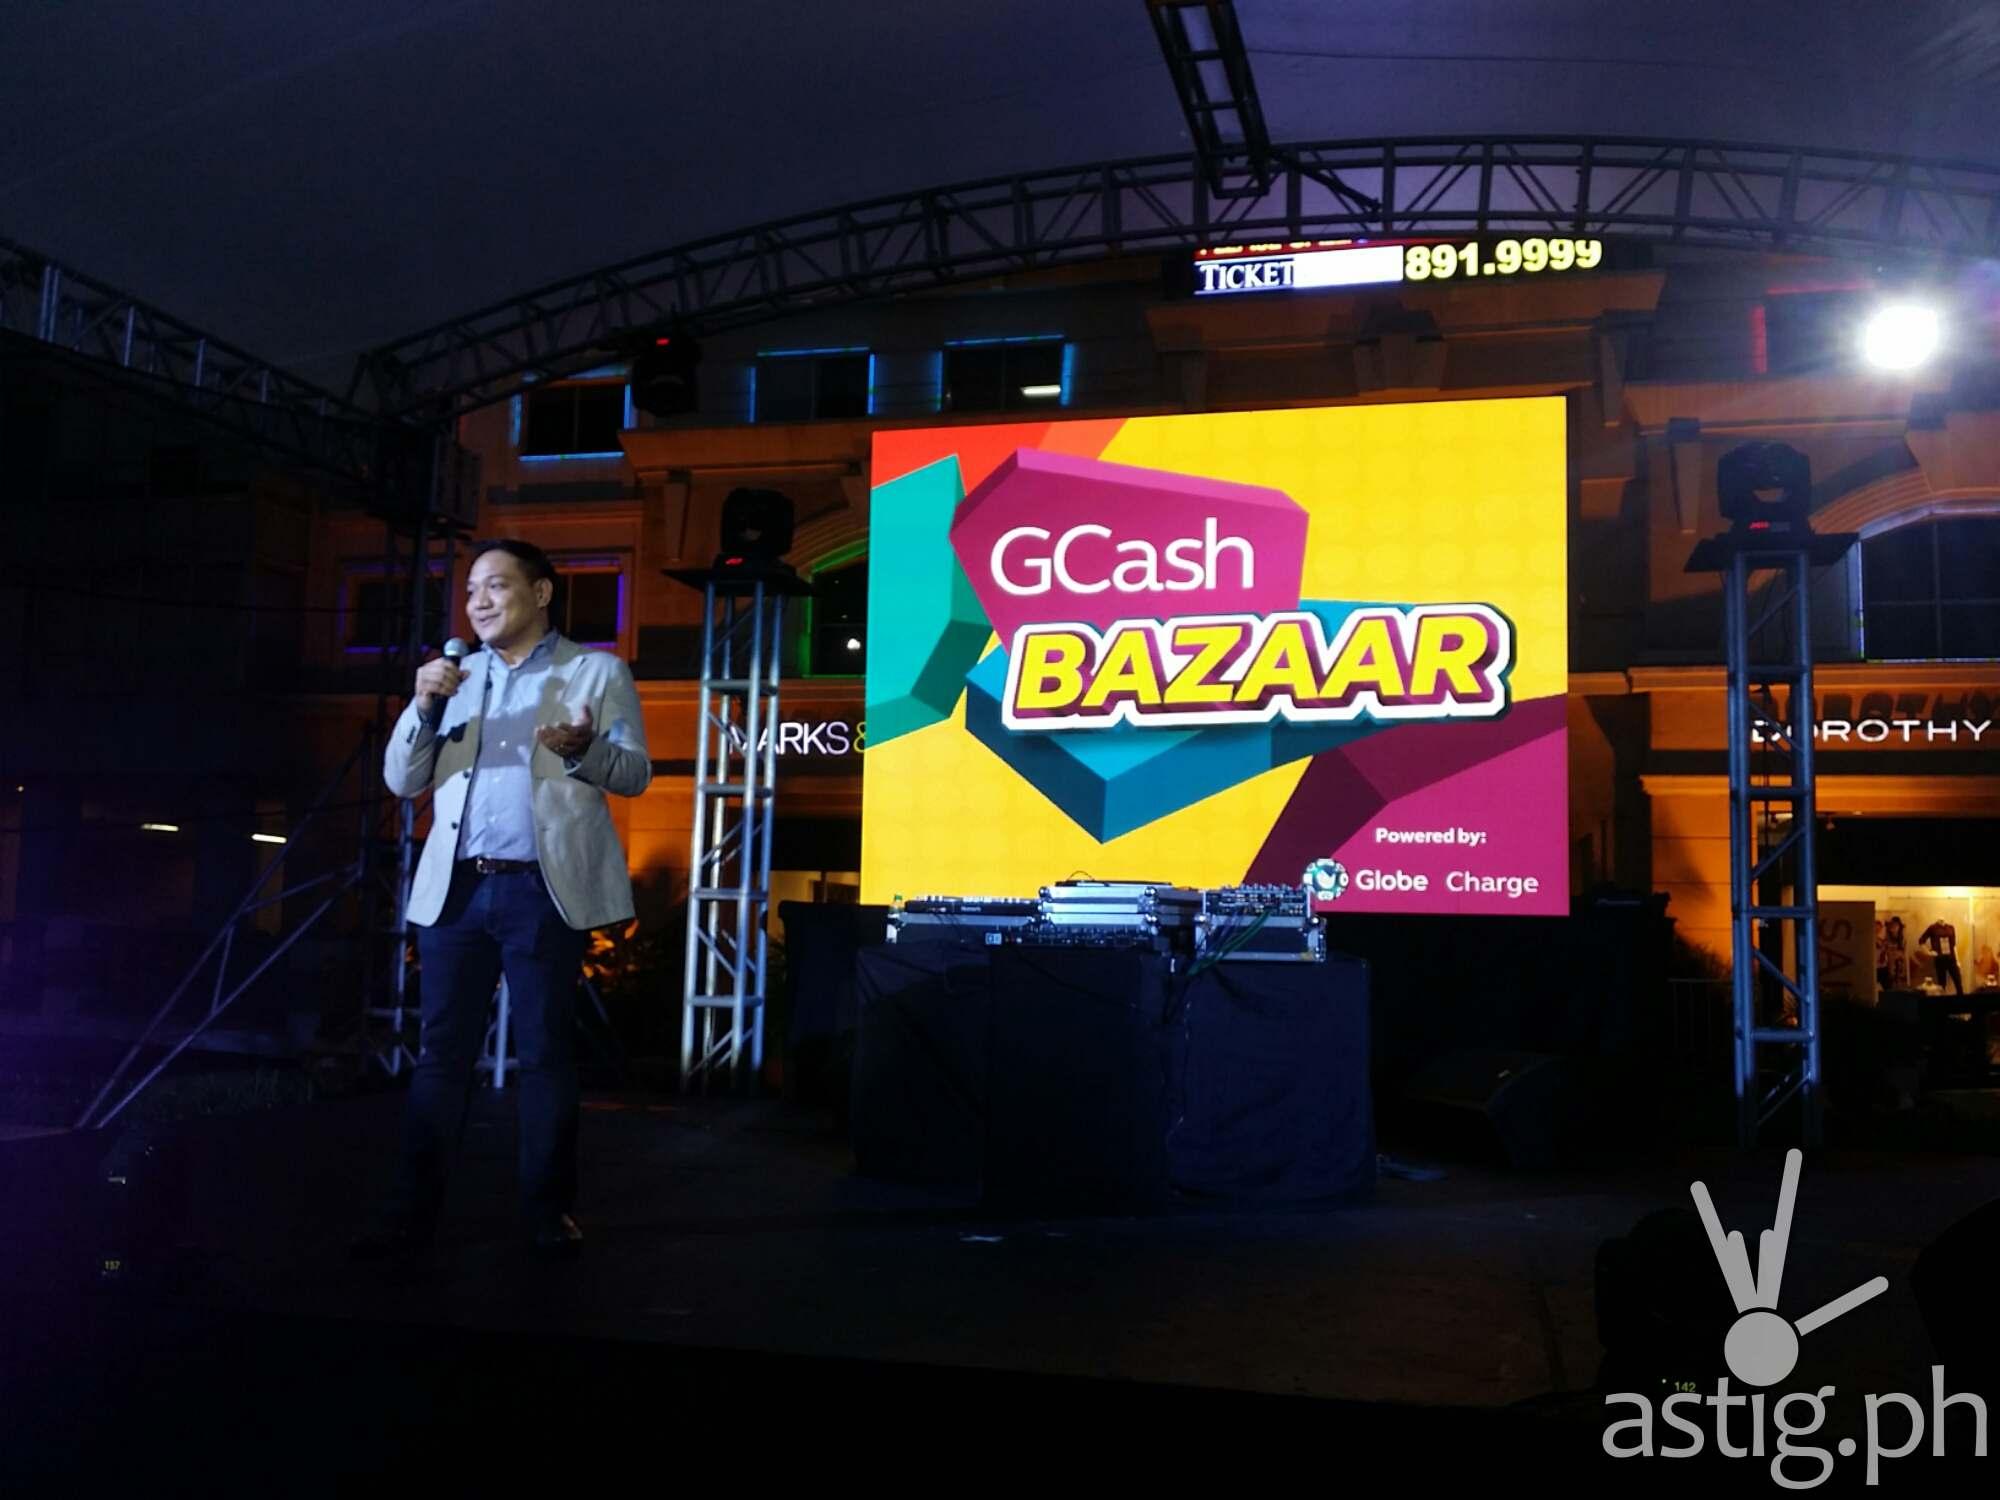 Globe GCash Bazaar (Ed Uy)